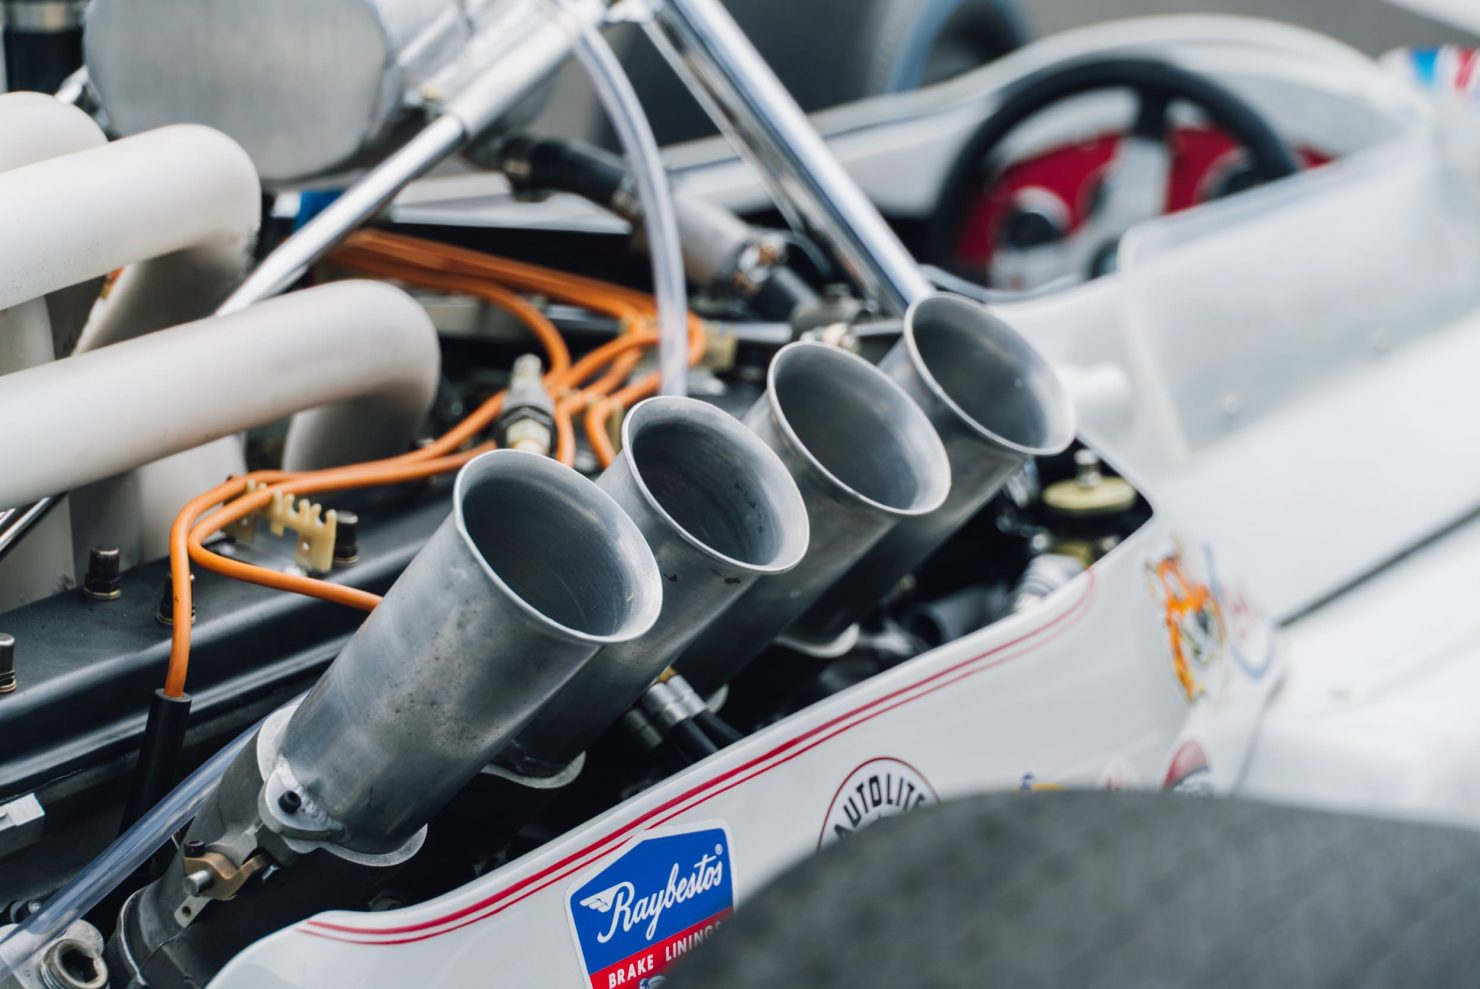 lotus type 34 indy 500 car 28 1480x989 - 1964 Lotus Type 34